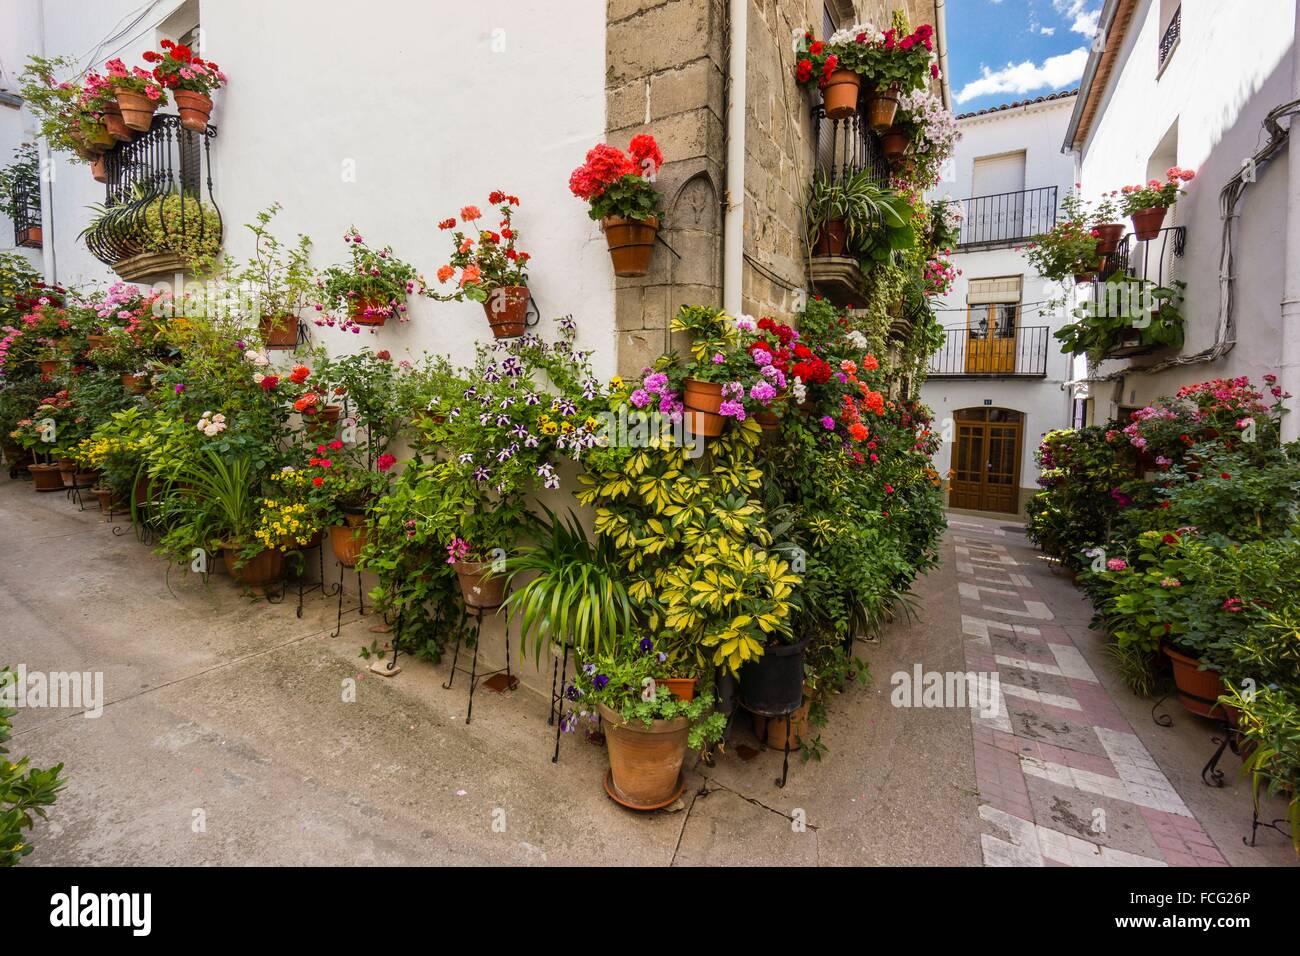 macetas de flores en la calle, Iznatoraf, Loma de Ubeda, provincia de Jaén en la comarca de las Villas, spain, europe. Stock Photo